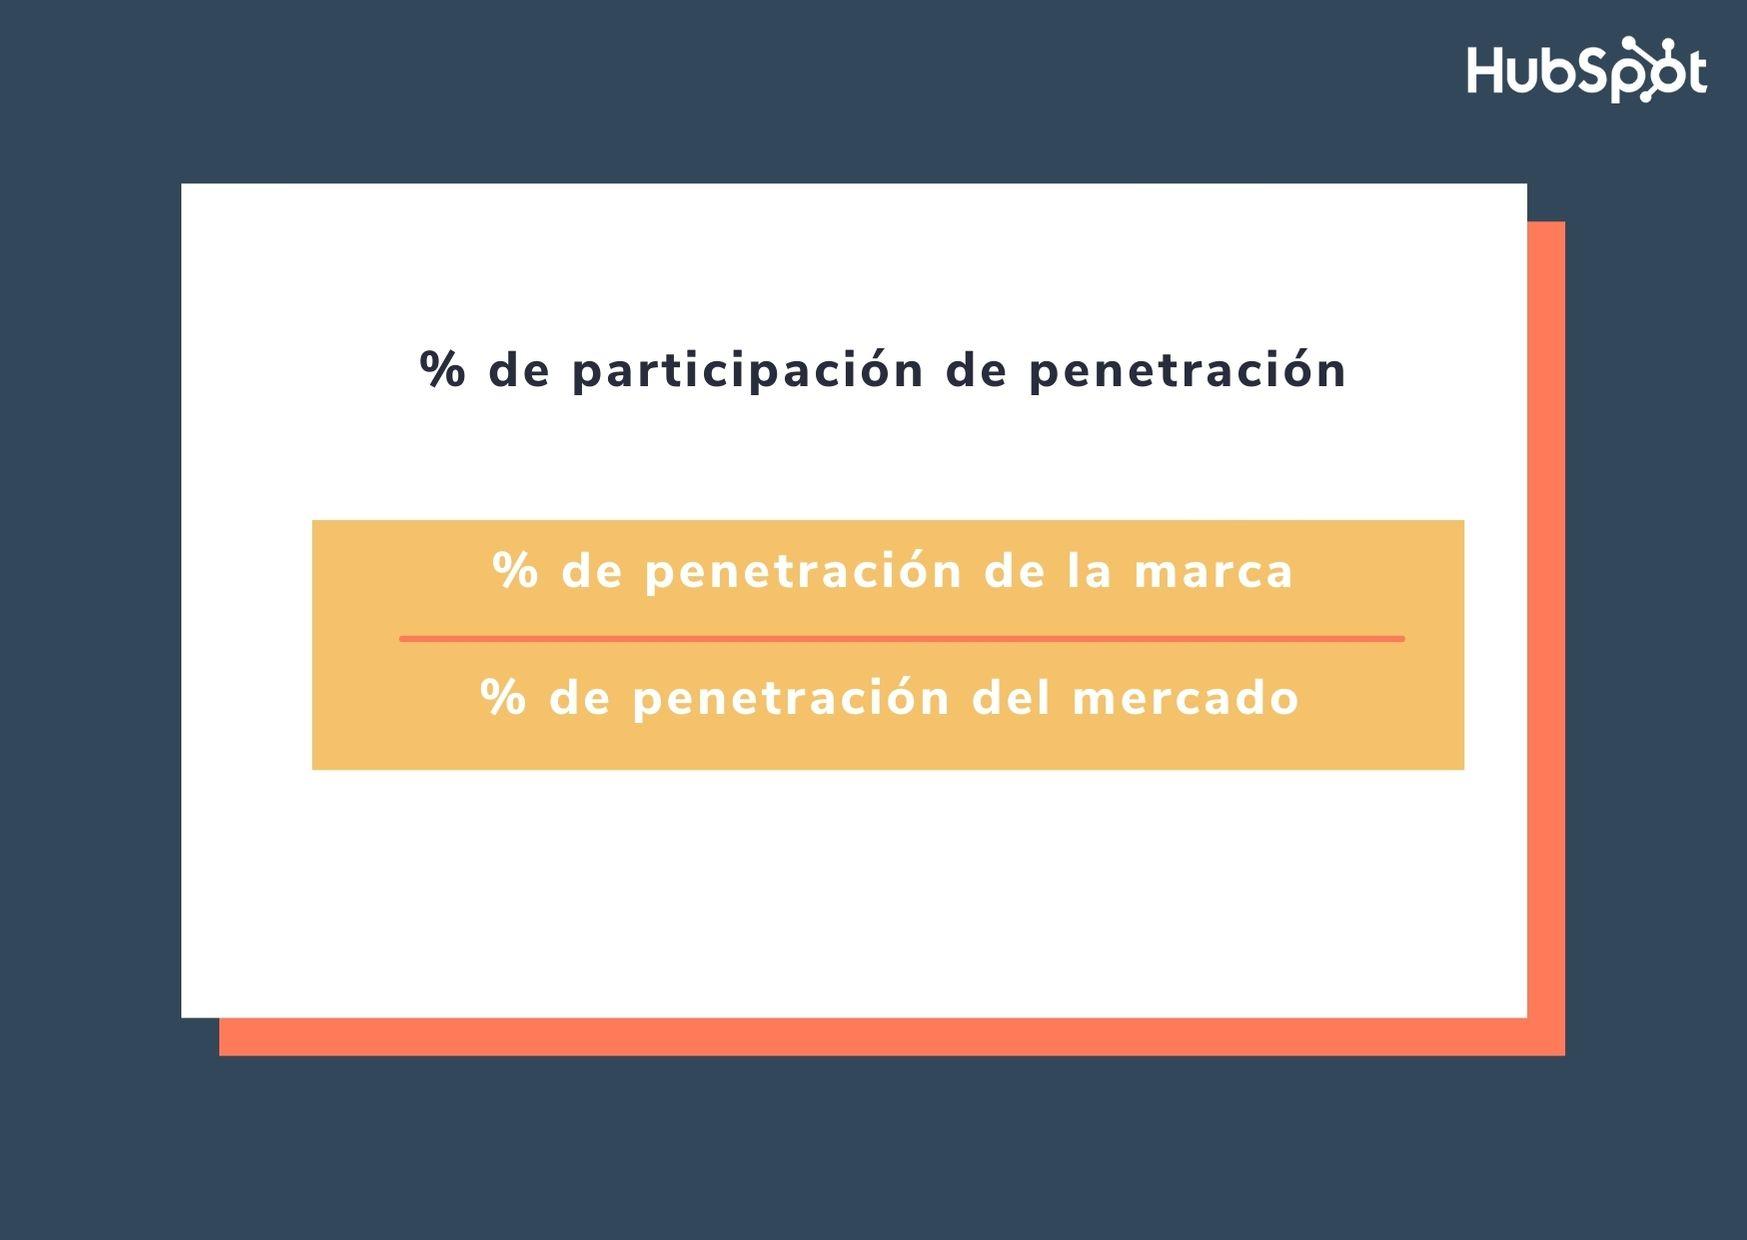 Fórmula para calcular el indicador de participación de penetración